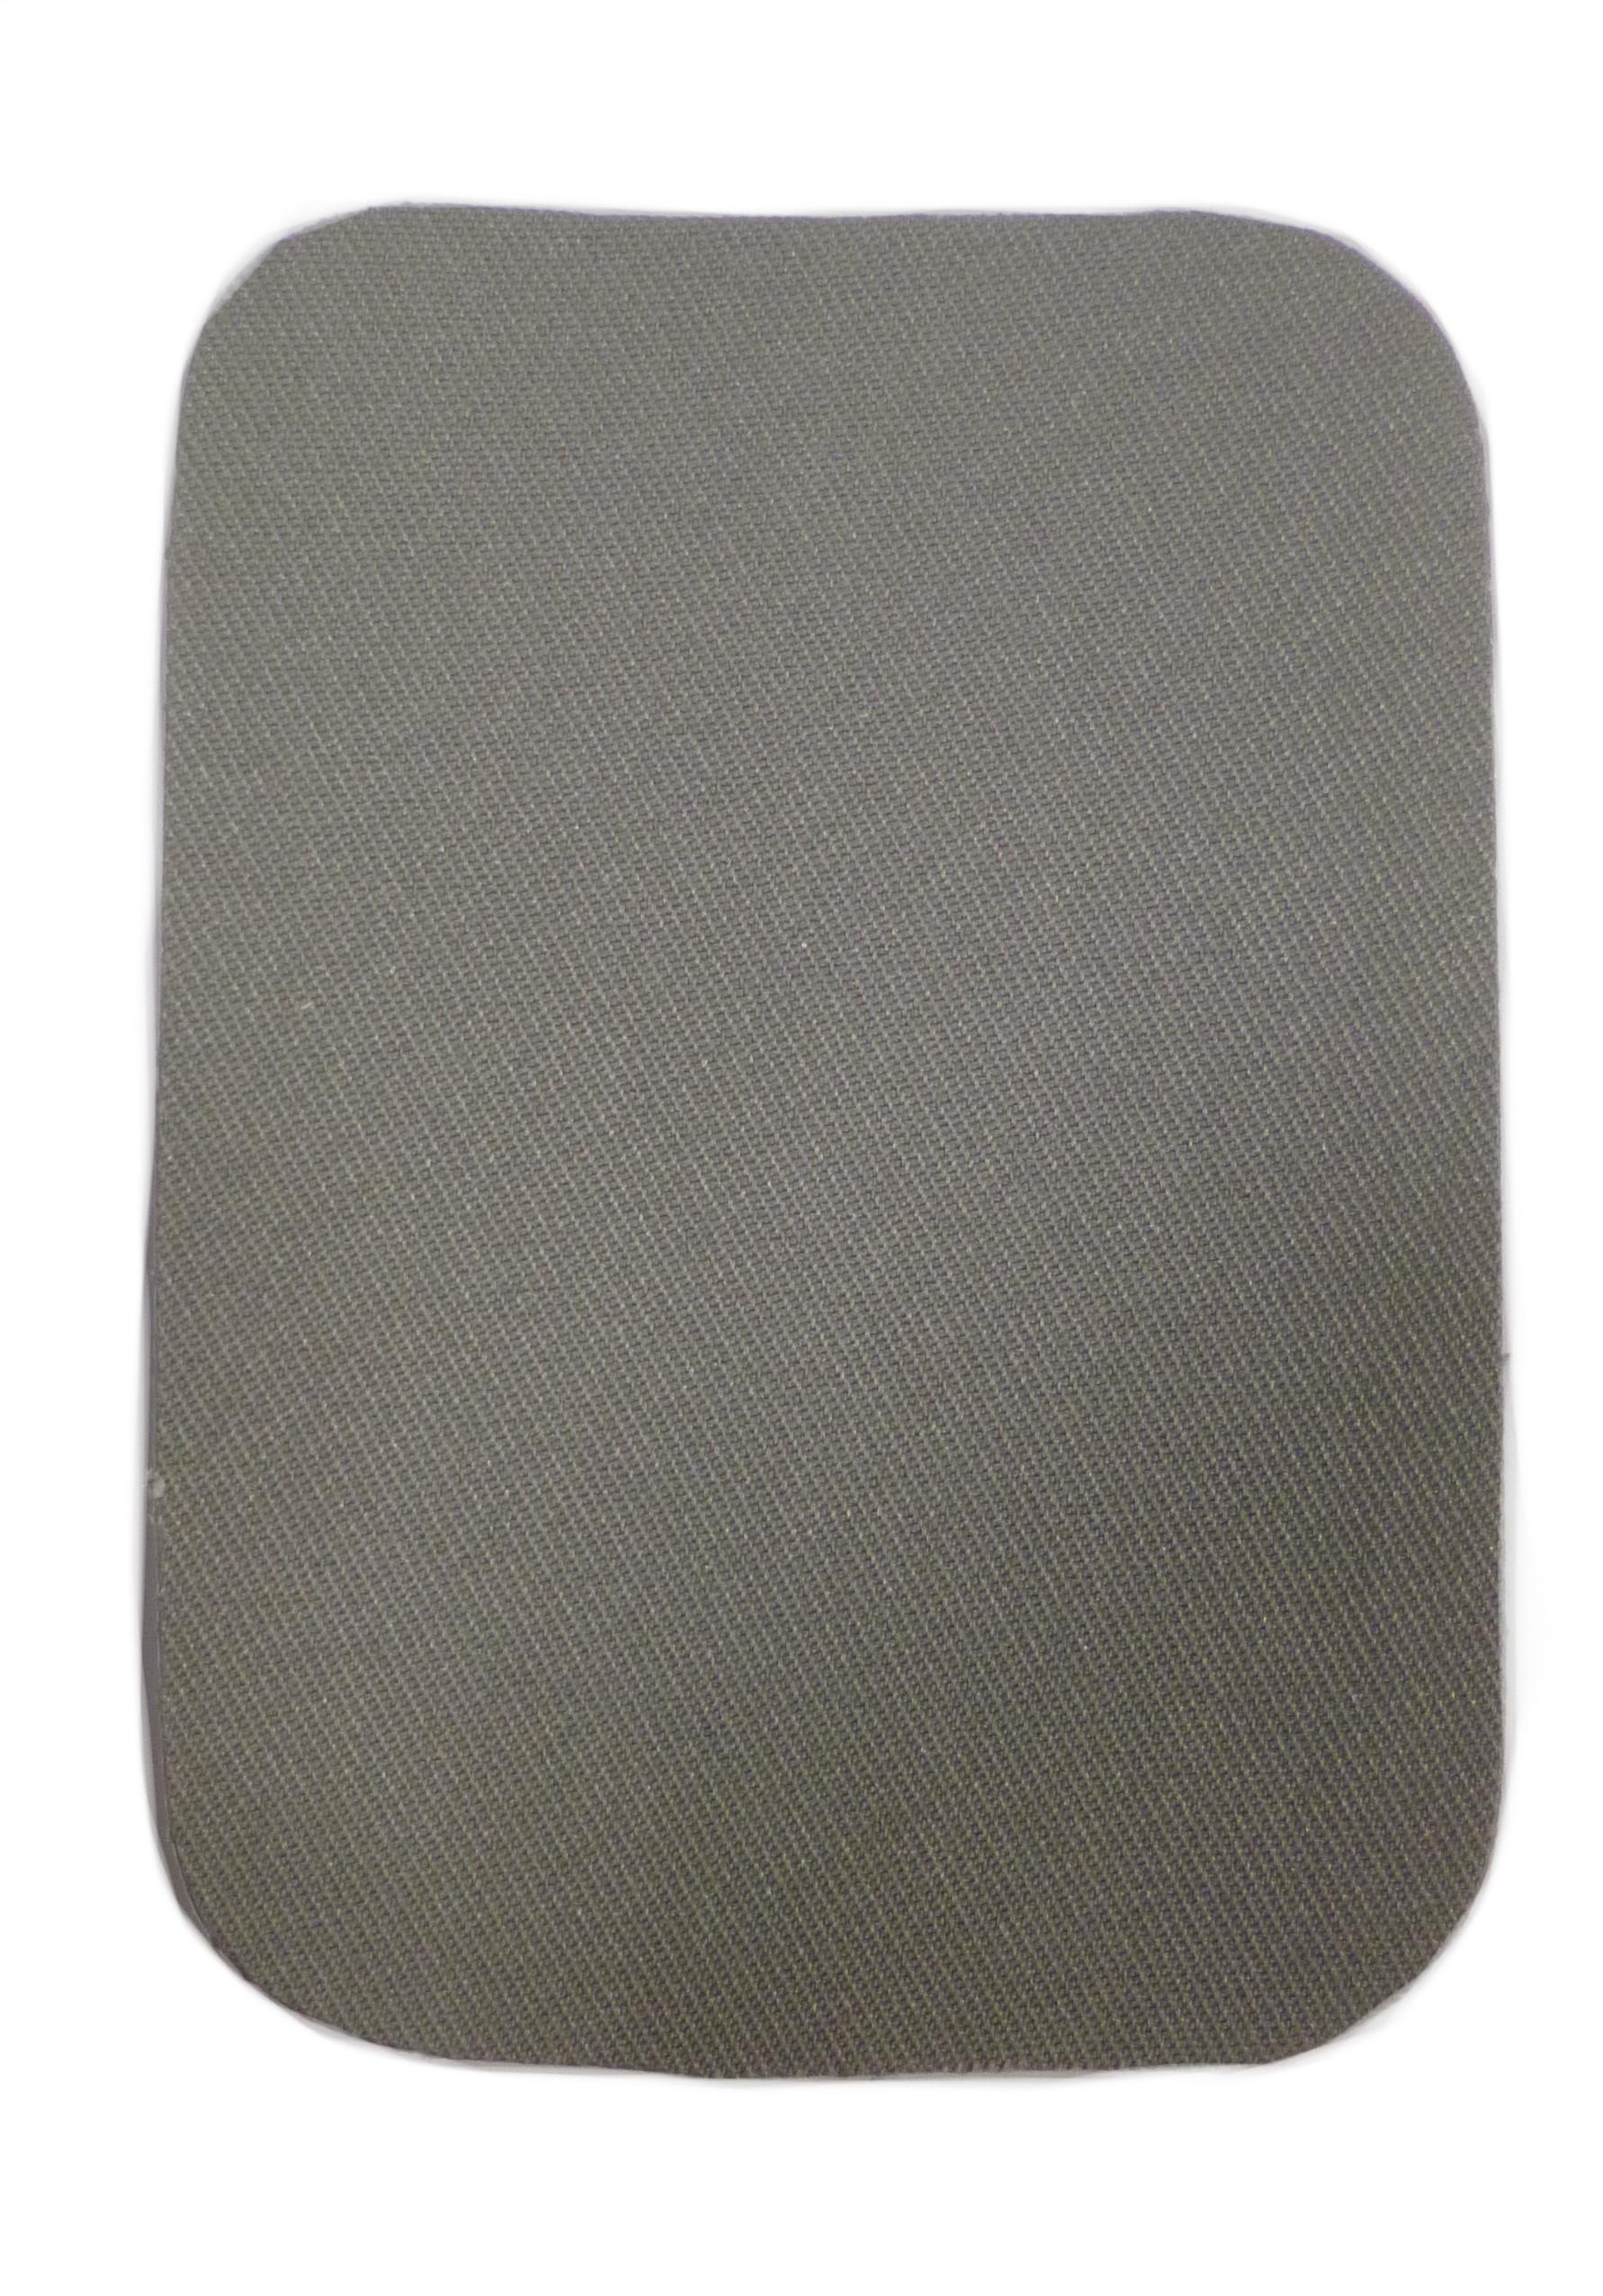 Textilaufbuegler-Buegelflicken-Aufbuegler-Flicken-Reparaturflicken-7-5-cm-x-10-5-cm